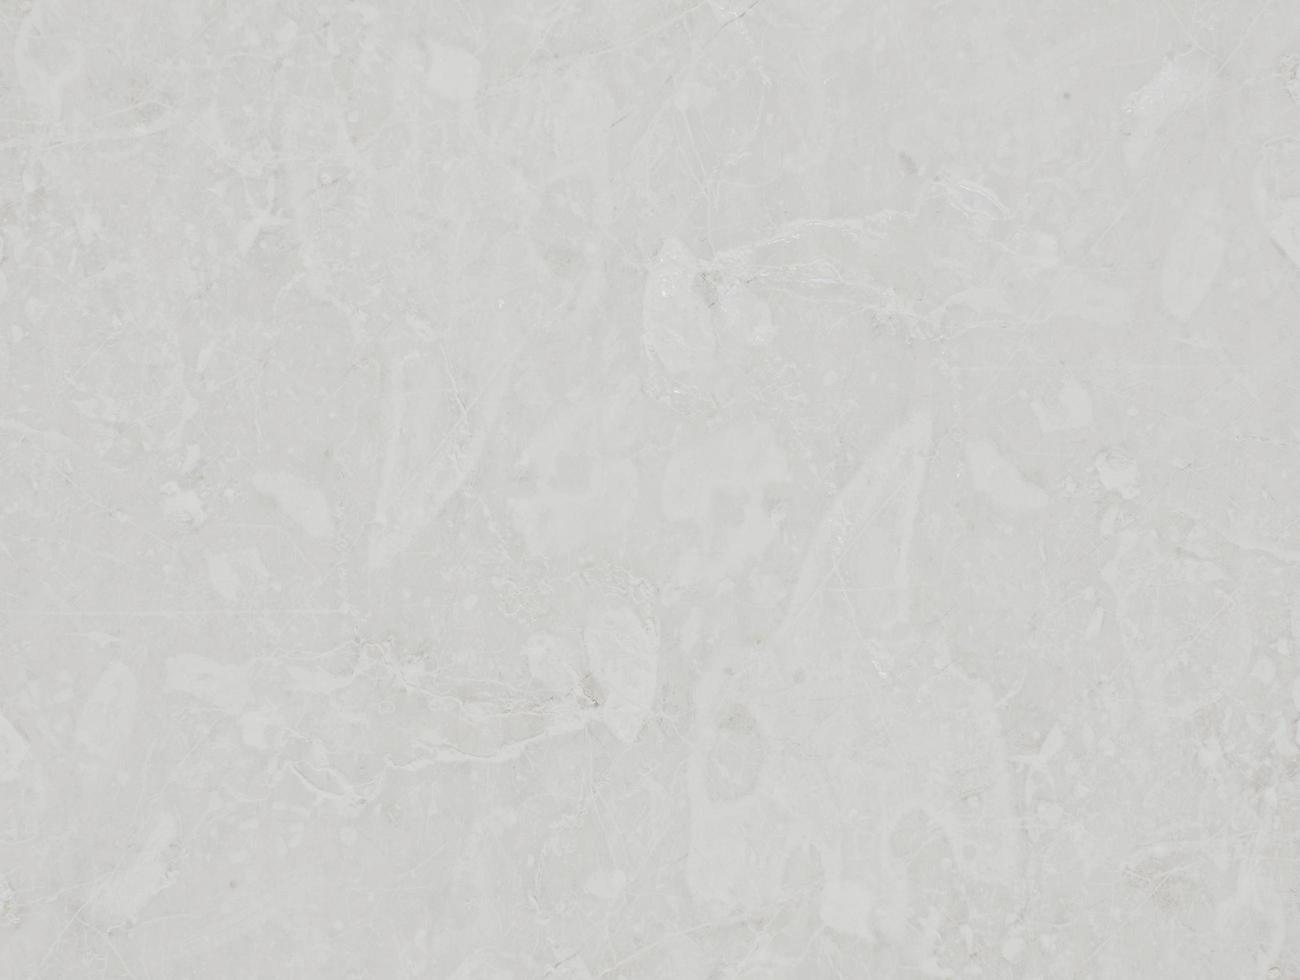 Stein Textur Hintergrund foto